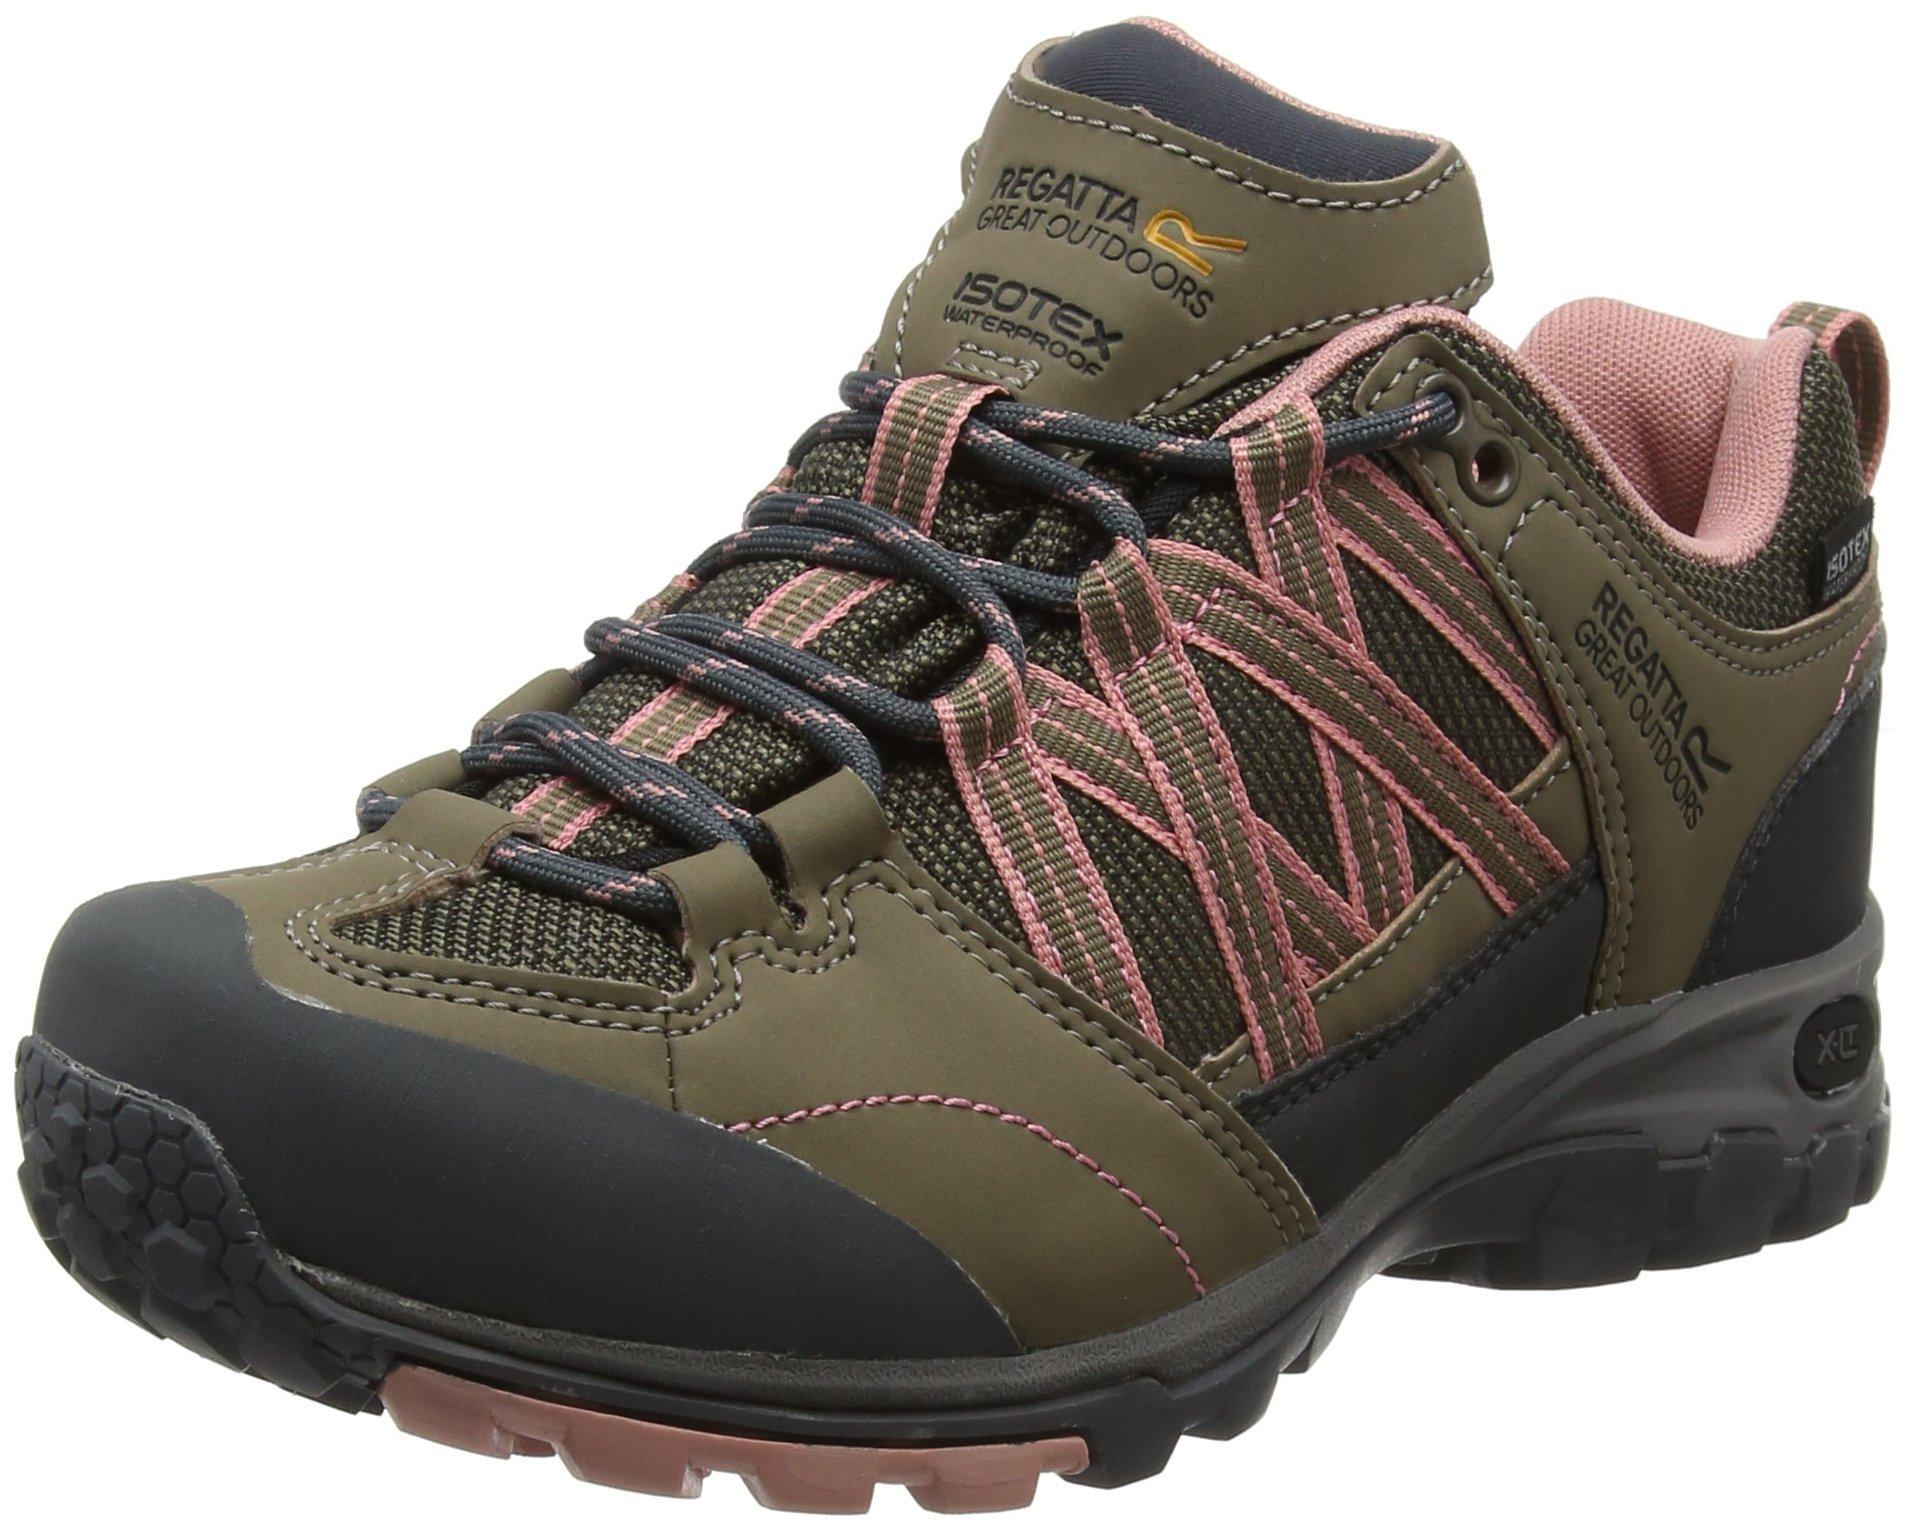 0a7bb2159cf Regatta L Samaris Low, Women's Low Rise Hiking Boots